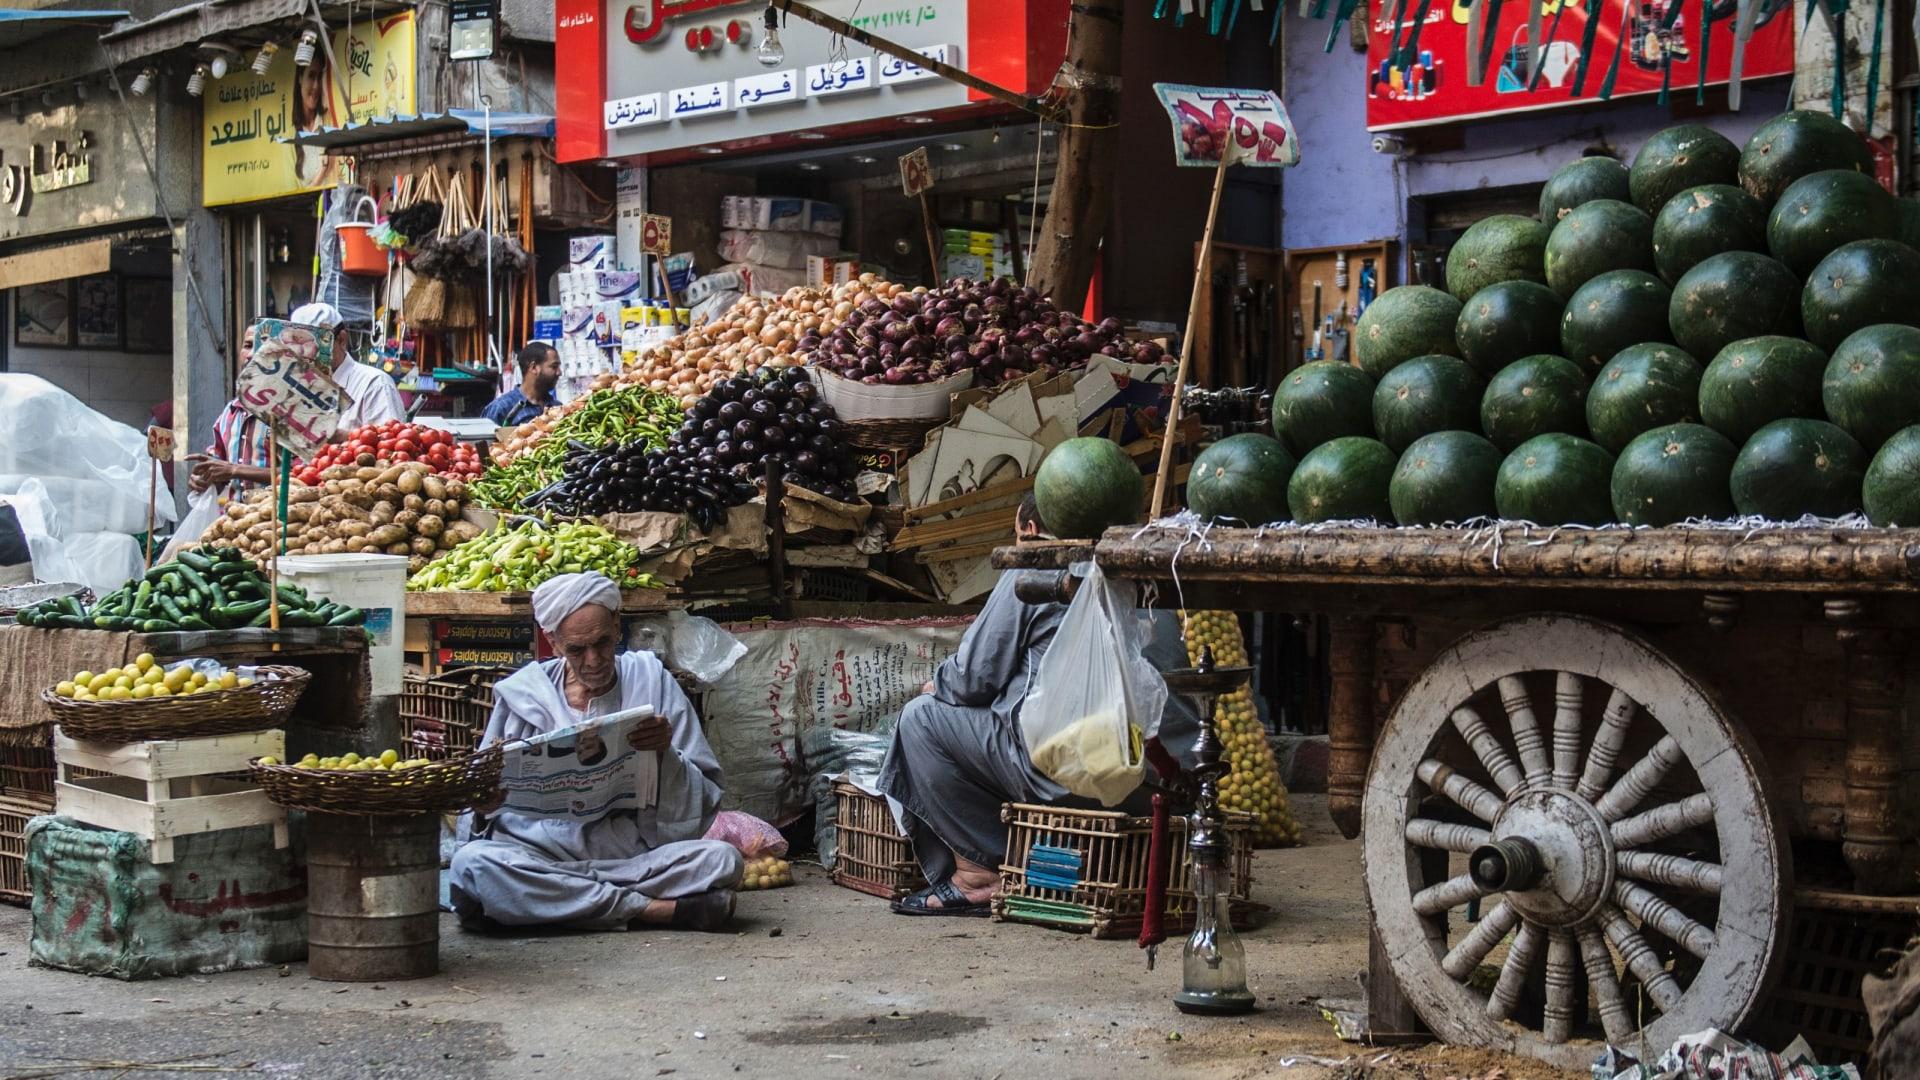 انخفاض أسعار بعض السلع الأساسية في مصر.. إليكم ما هي